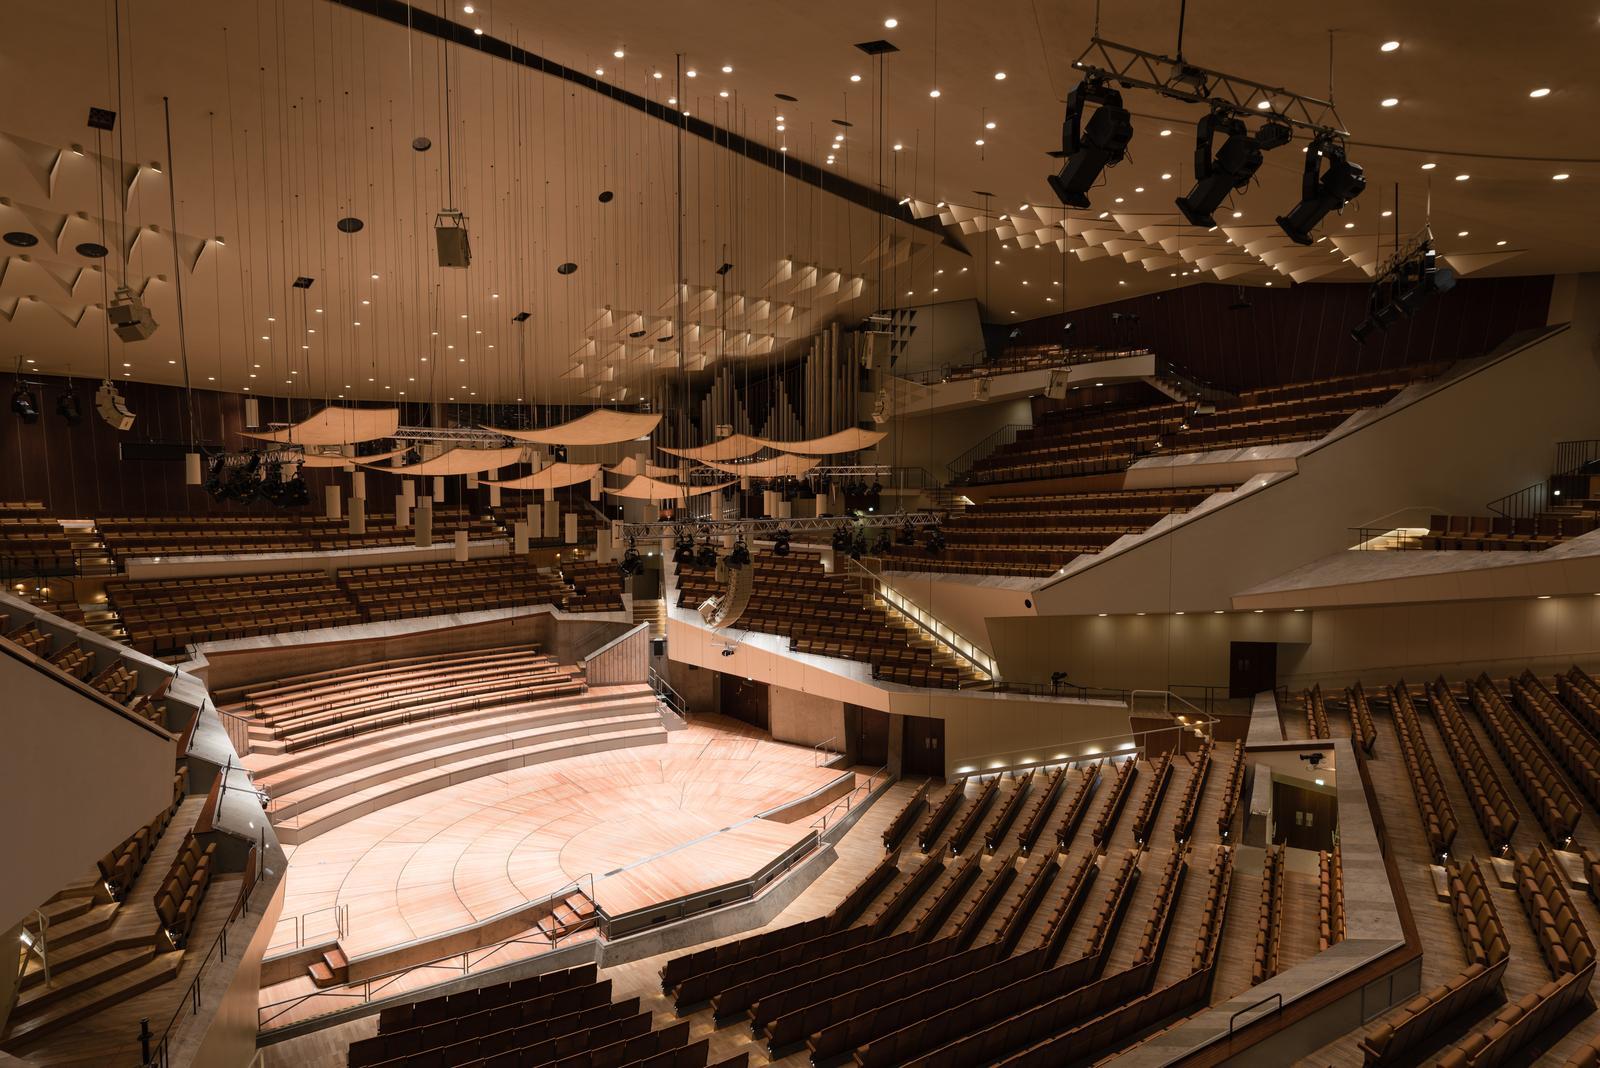 Philharmonie Großer Saal Peter Adamink